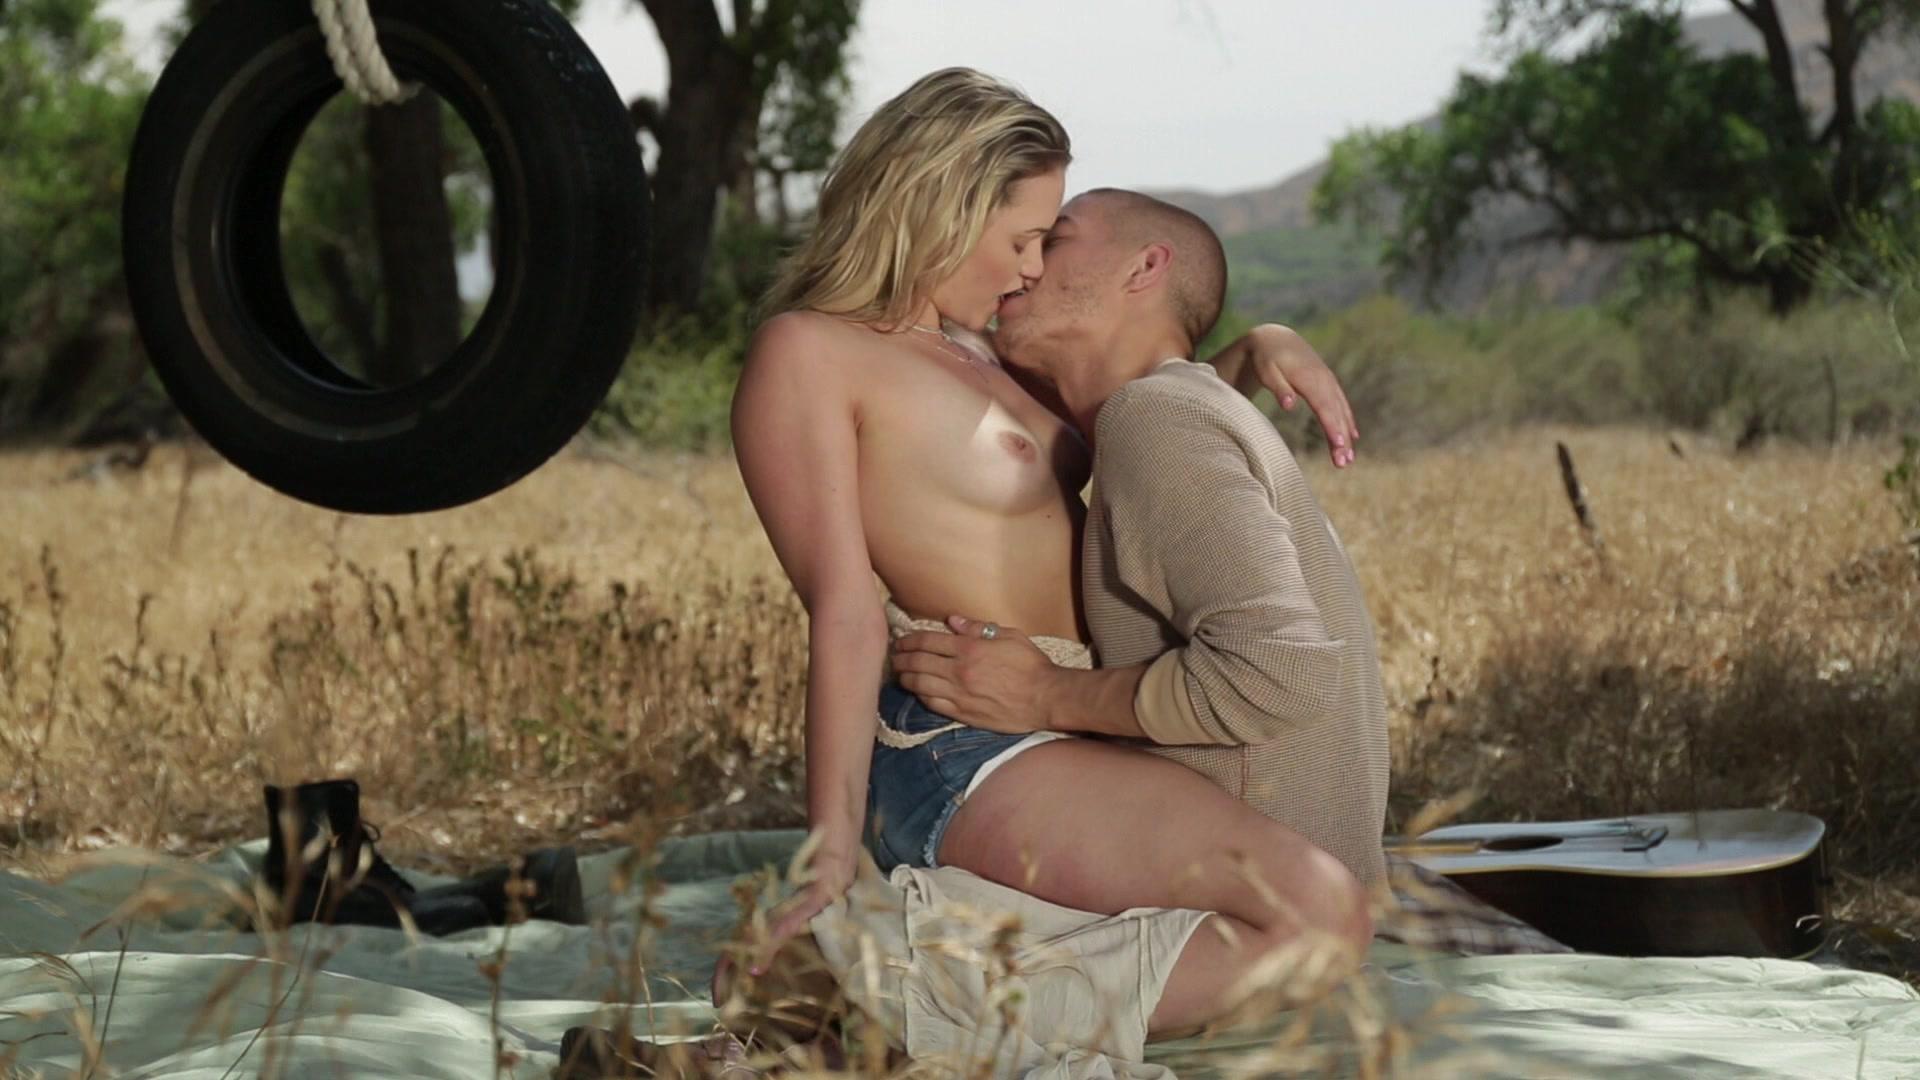 Порно Фильмы Дочери 2020